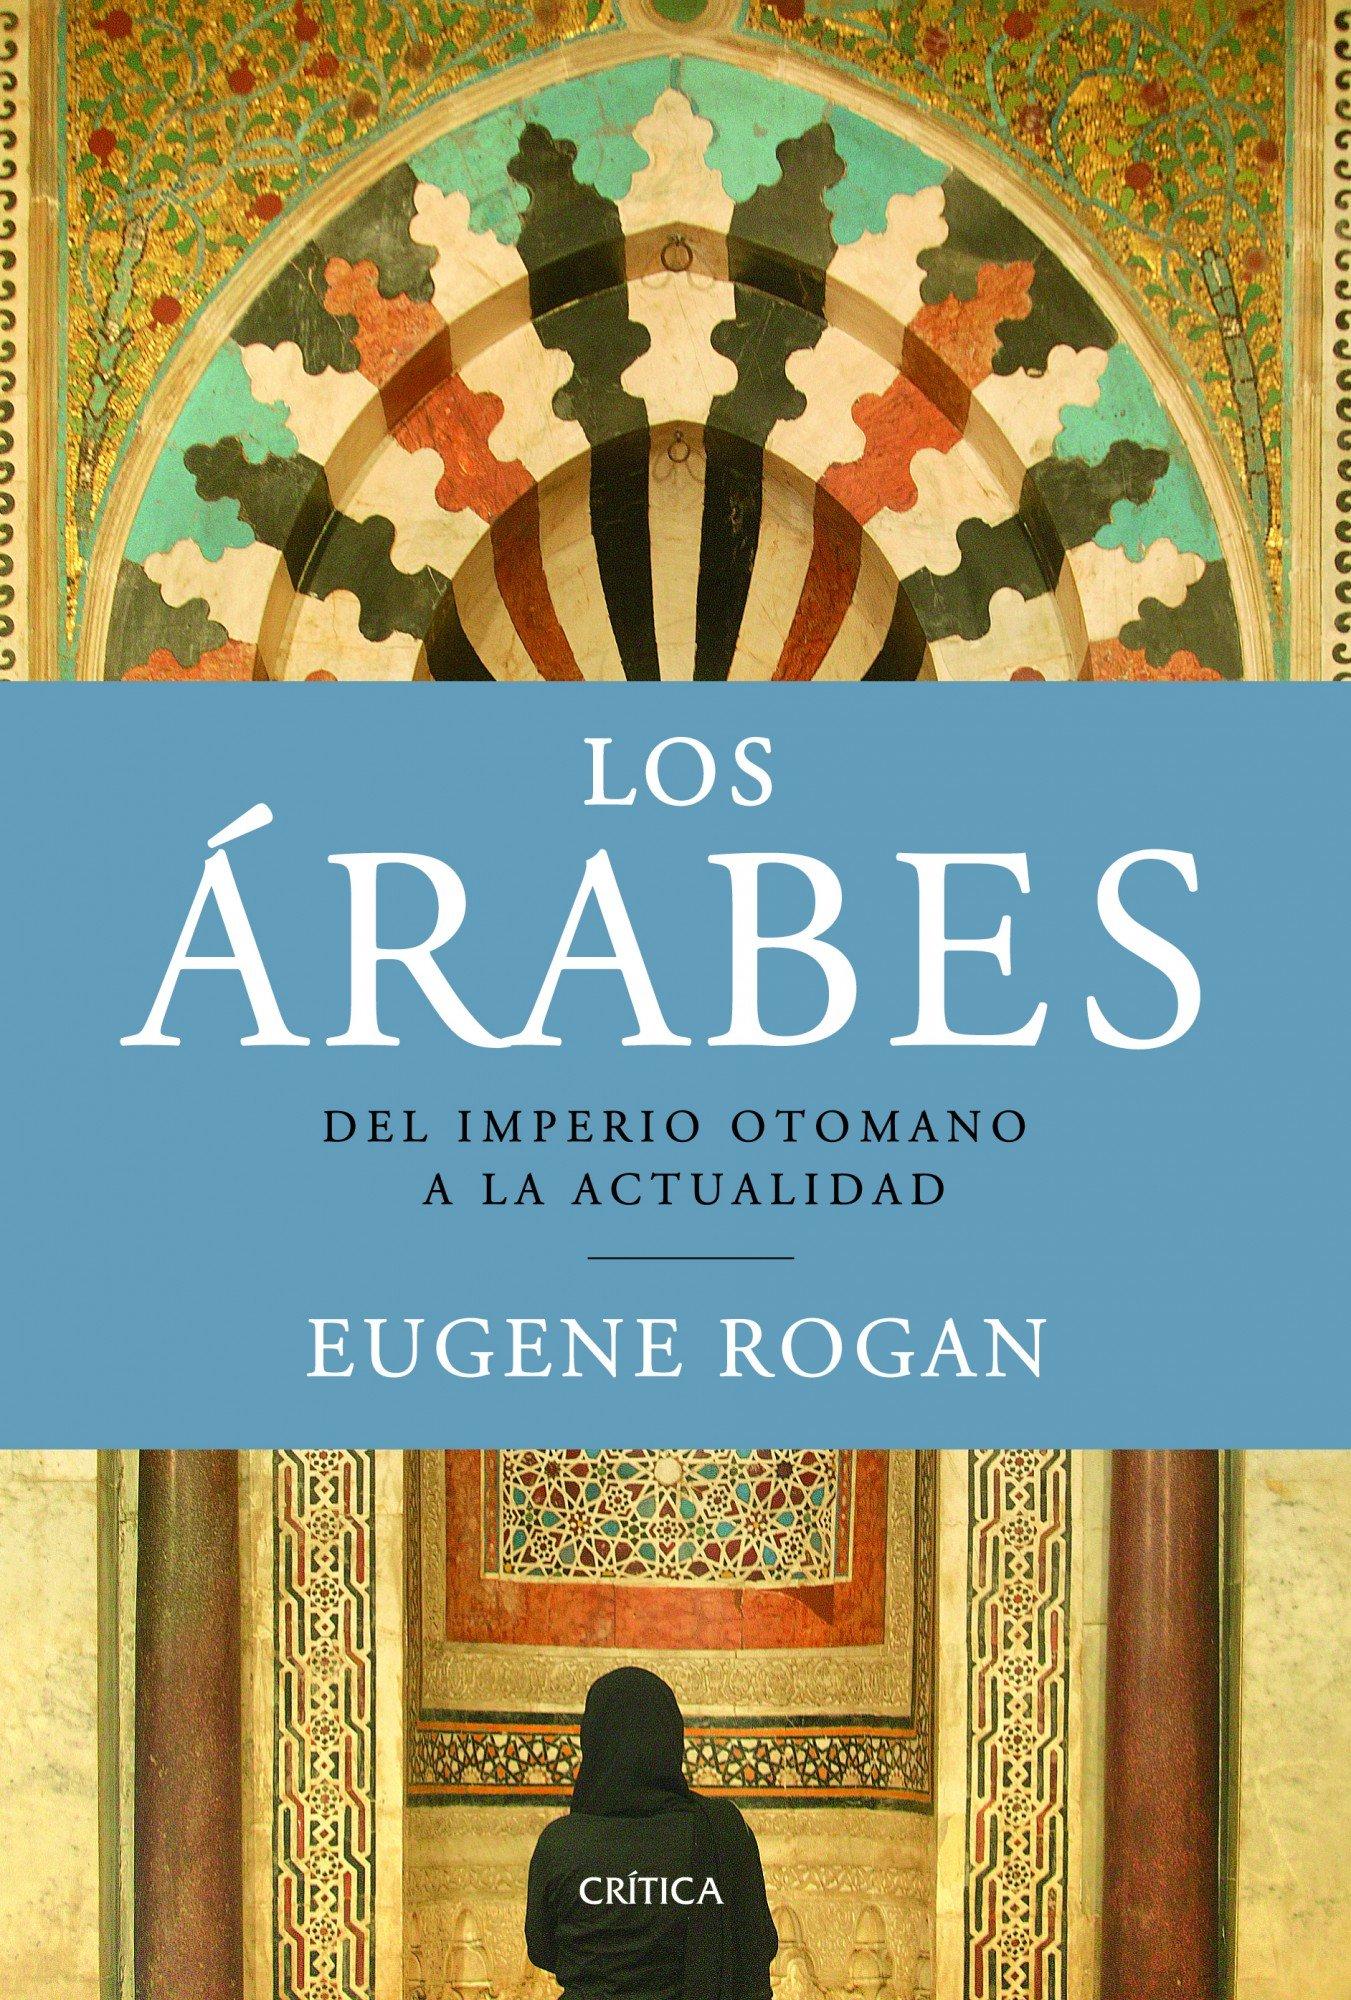 Los �rabes: Del Imperio otomano a la actualidad ISBN-13 9788498923315